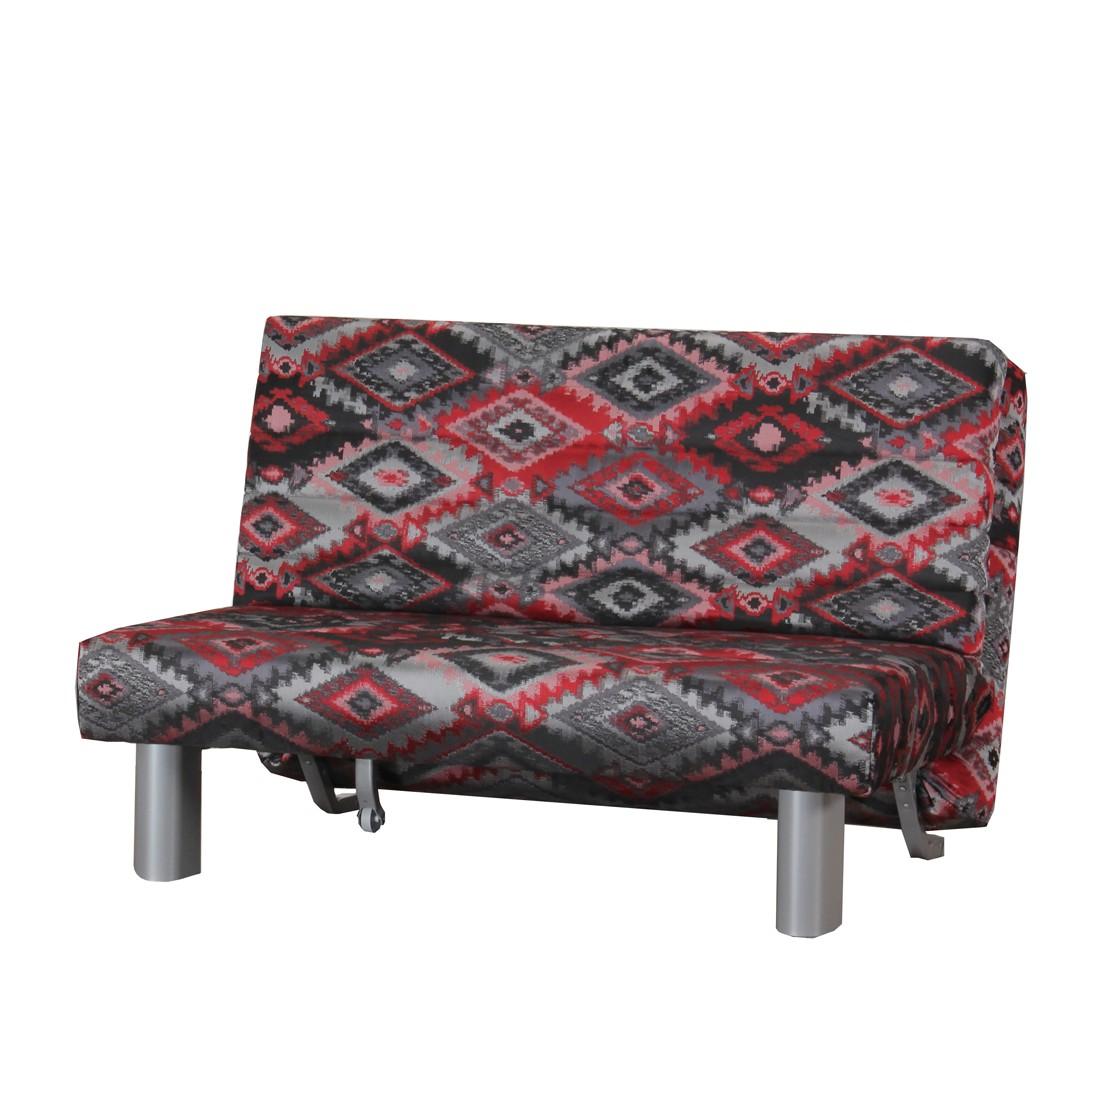 schlafsofa 120 cm preisvergleiche erfahrungsberichte. Black Bedroom Furniture Sets. Home Design Ideas